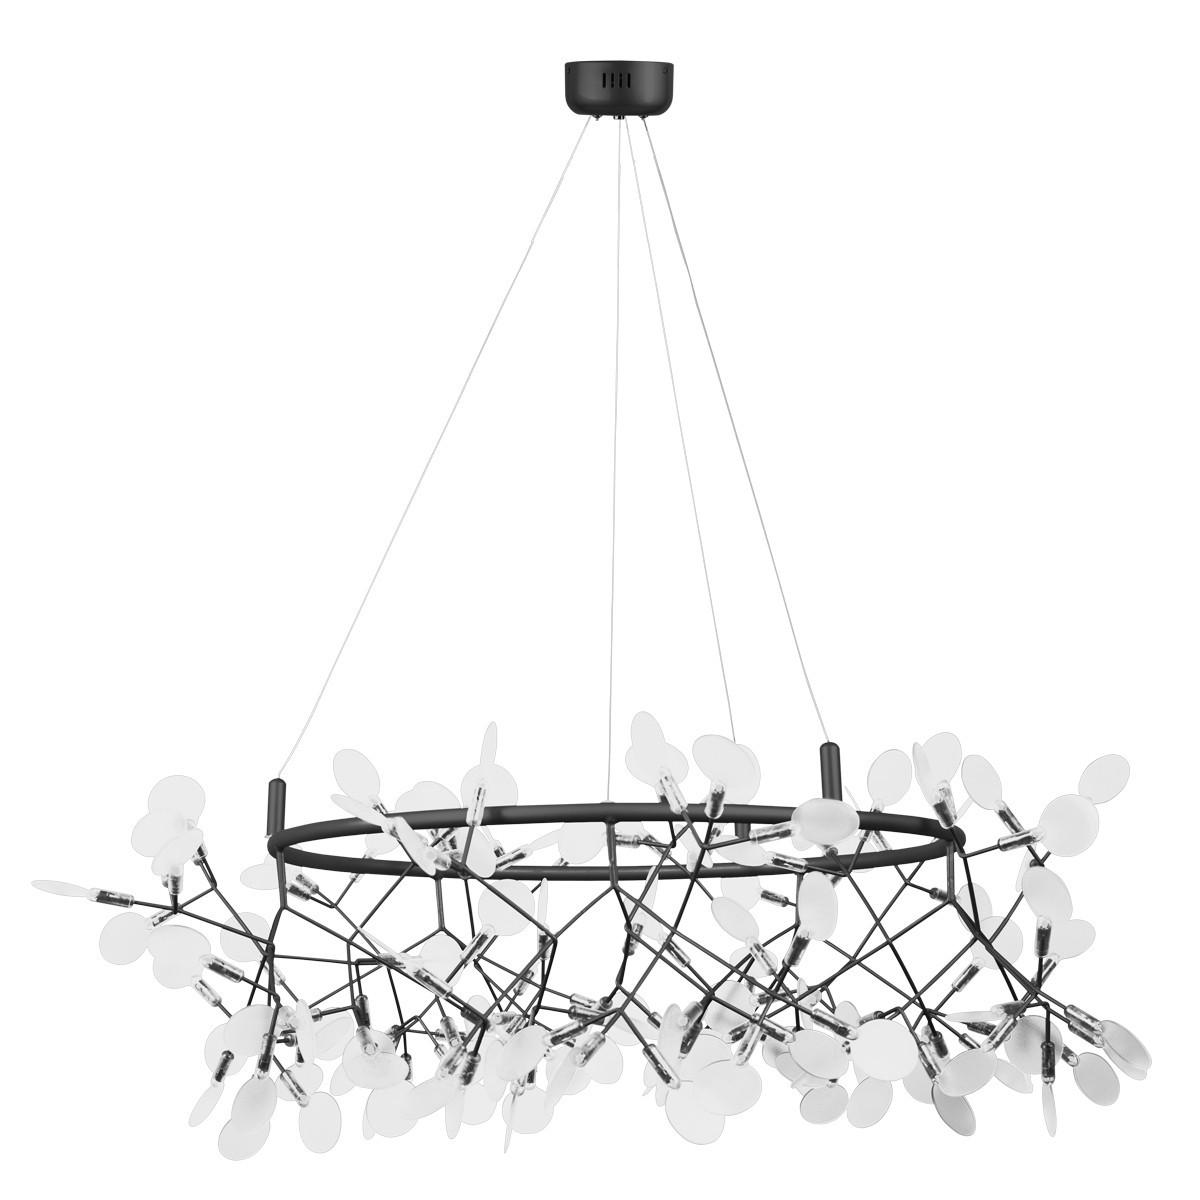 Lampa wisząca ledowa CHIC BOTANIC L czarna 105 cm ST-5860-L black - Step into design Do -17% rabatu w koszyku i darmowa dostawa od 299zł !